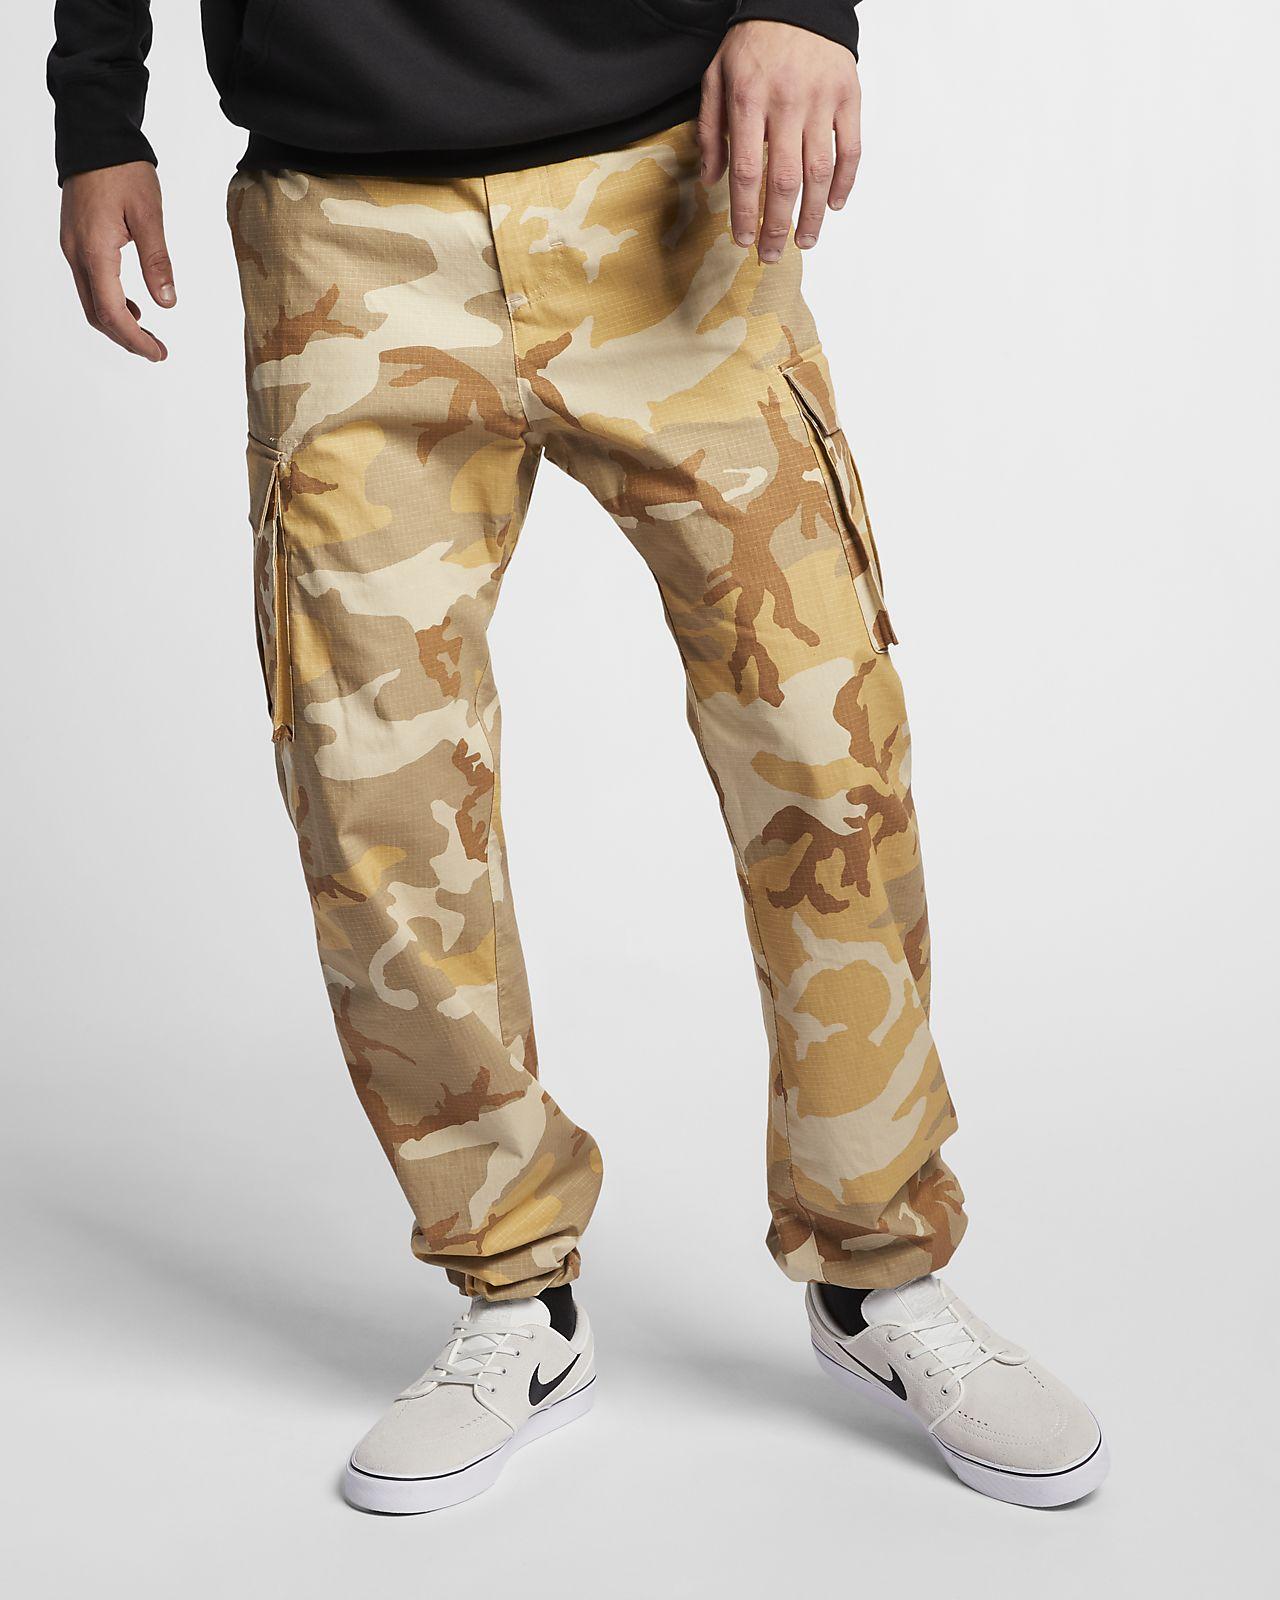 Skateboardbyxor Nike SB Flex FTM med kamouflagemönster